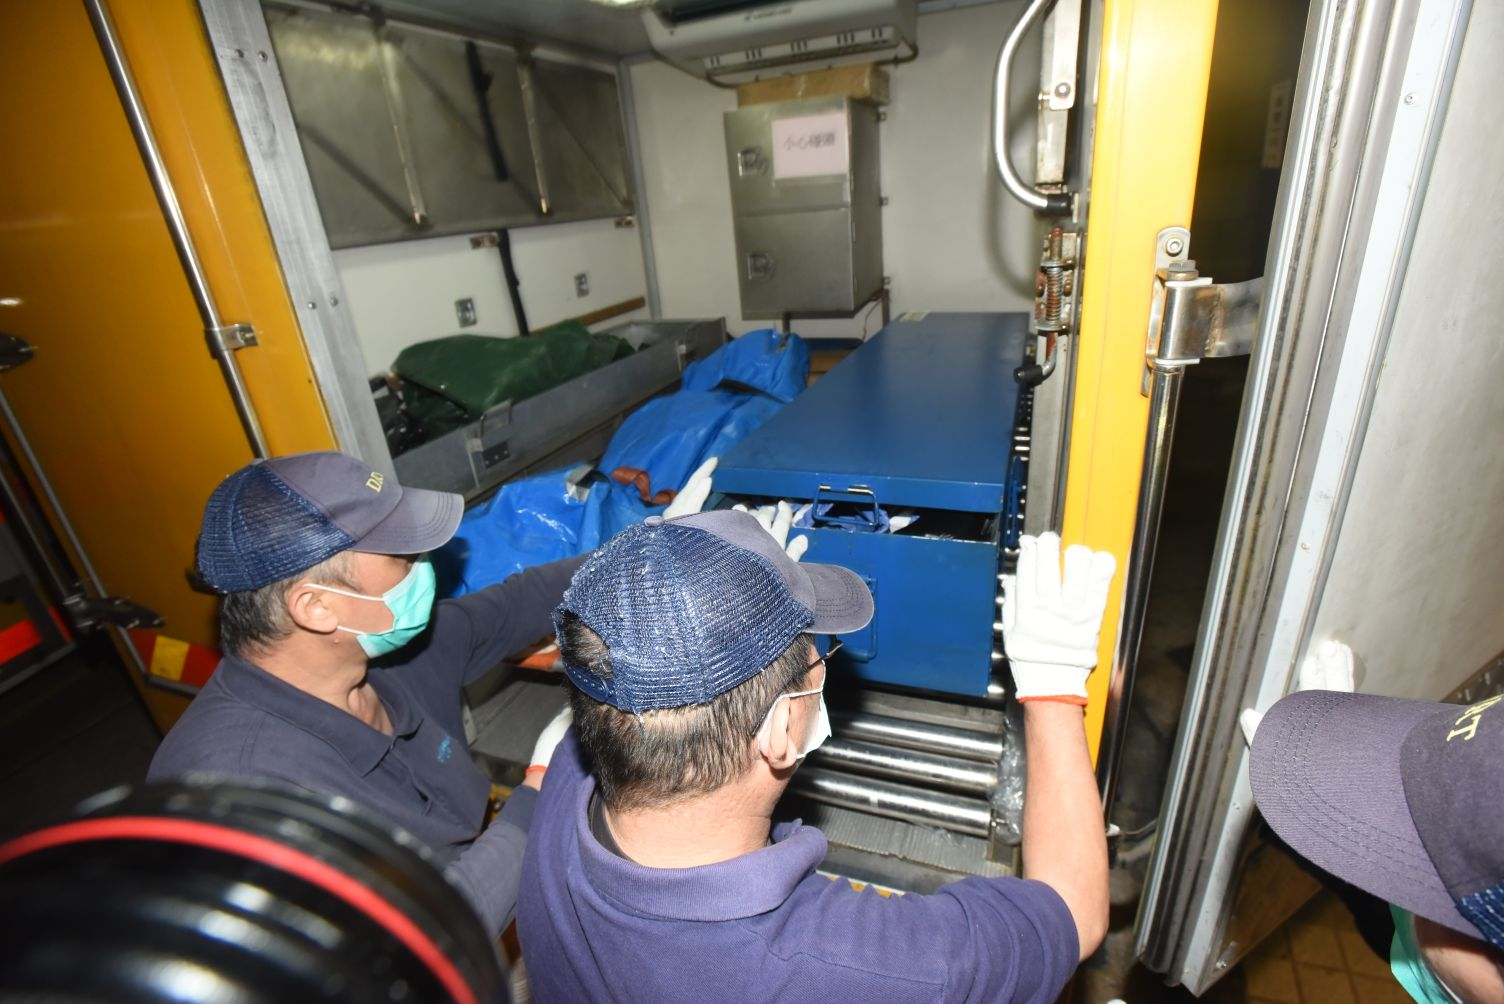 兩人的遺體其後由仵工舁送殮房,藍袋內為男死者(左)、藍鐵箱內則為女死者。徐裕民攝